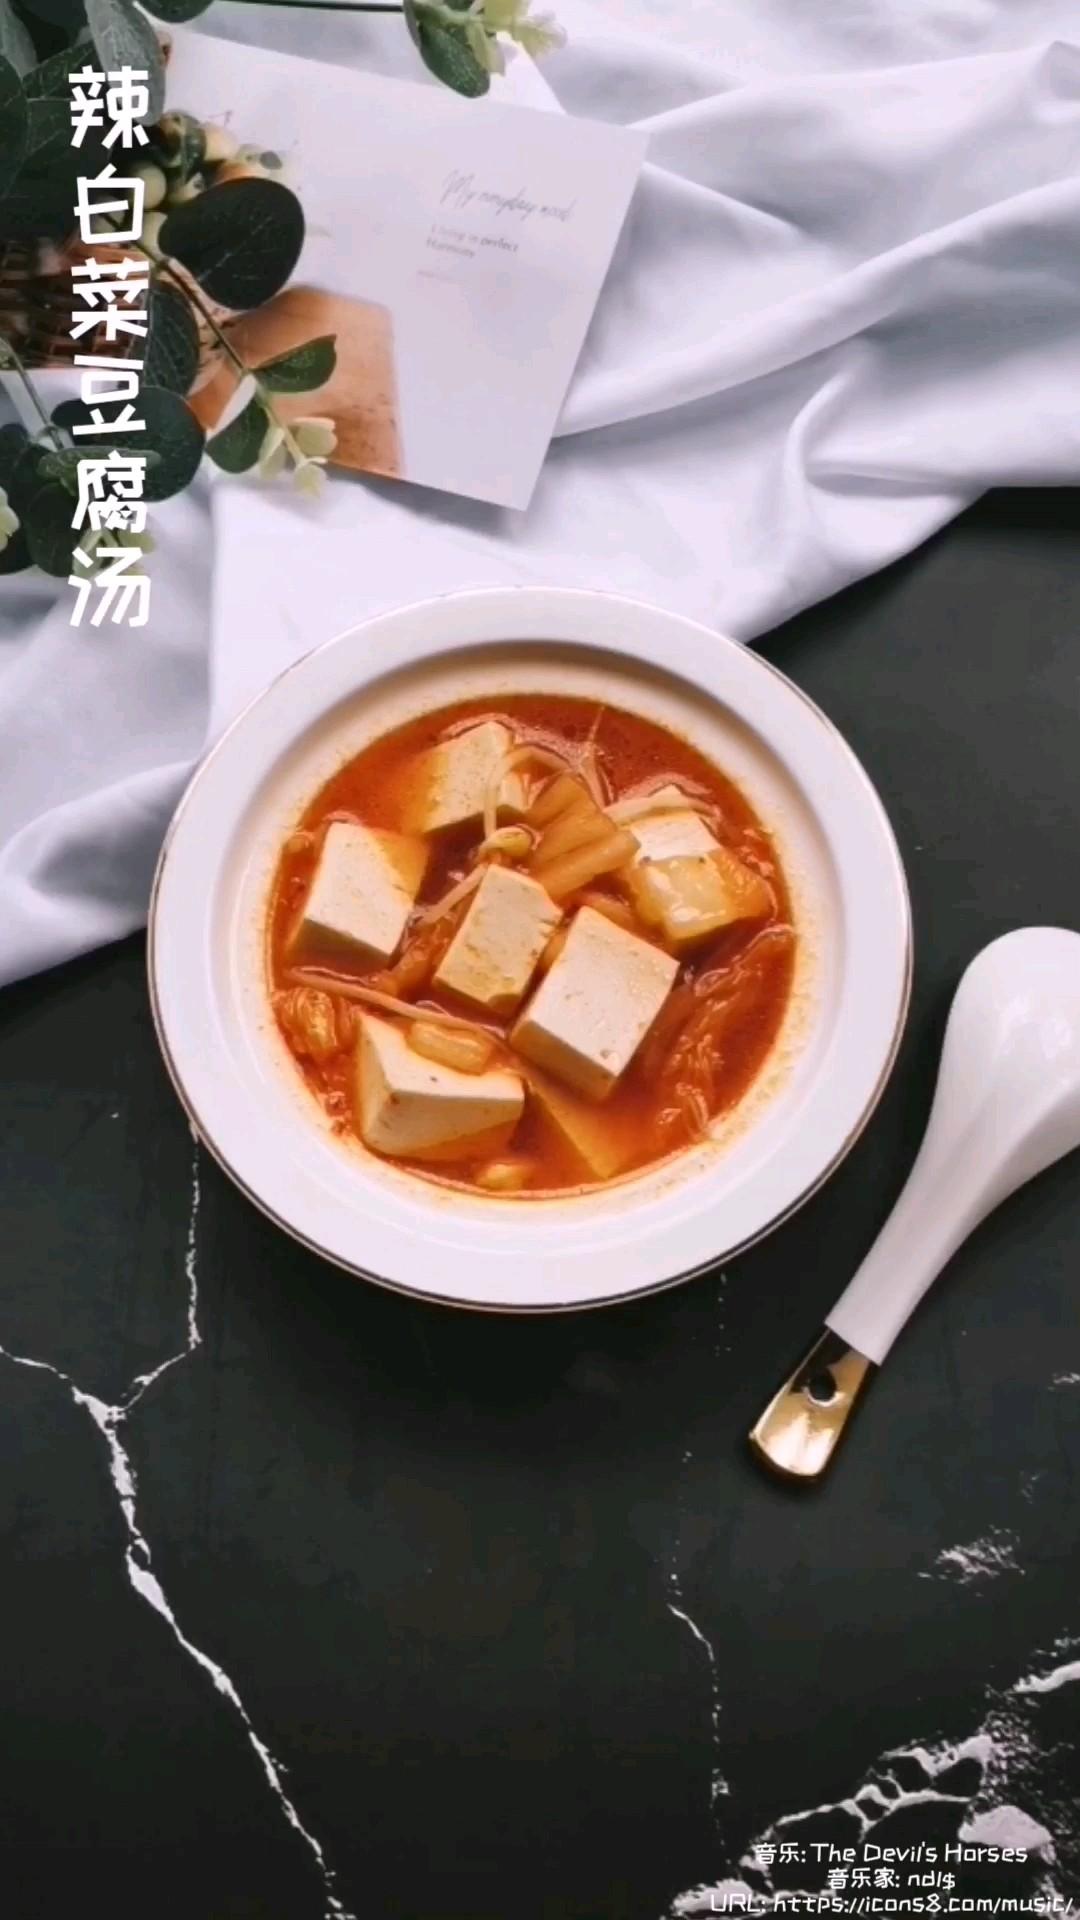 #冬至大如年#辣白菜豆腐汤